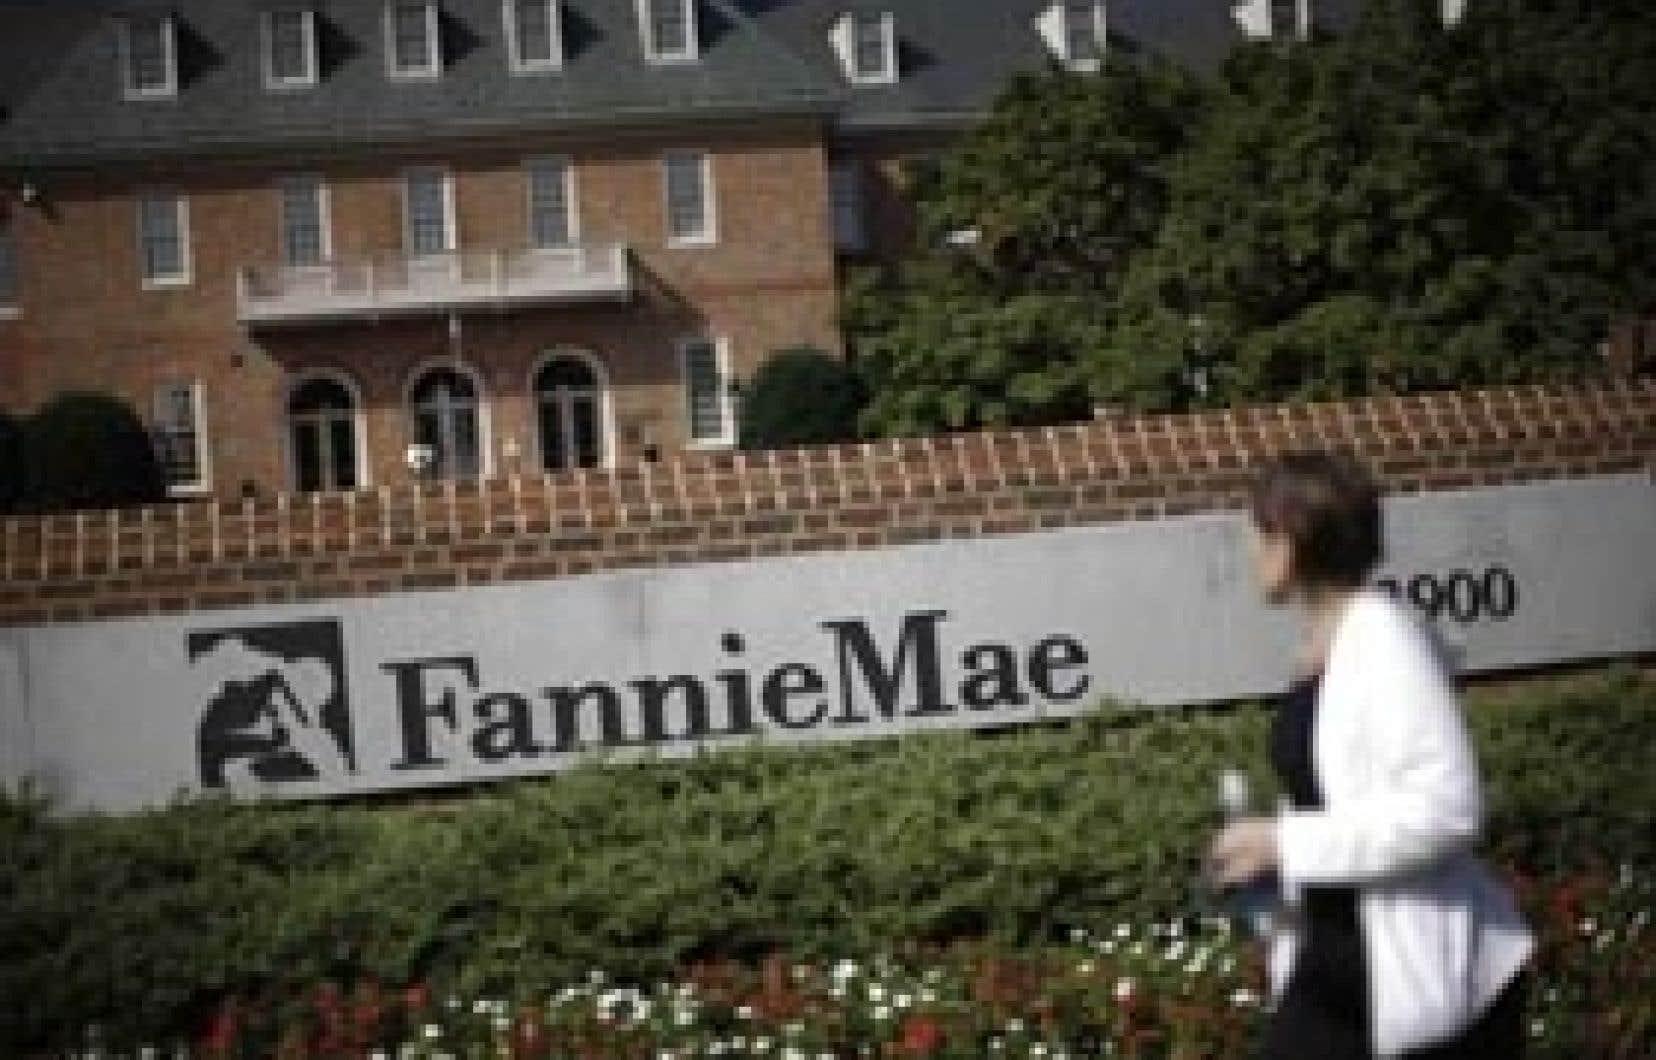 Au cours du trimestre terminé fin septembre, Fannie Mae,  un des deux piliers du refinancement hypothécaire américain, a accusé une perte nette de 28,9 milliards $US.